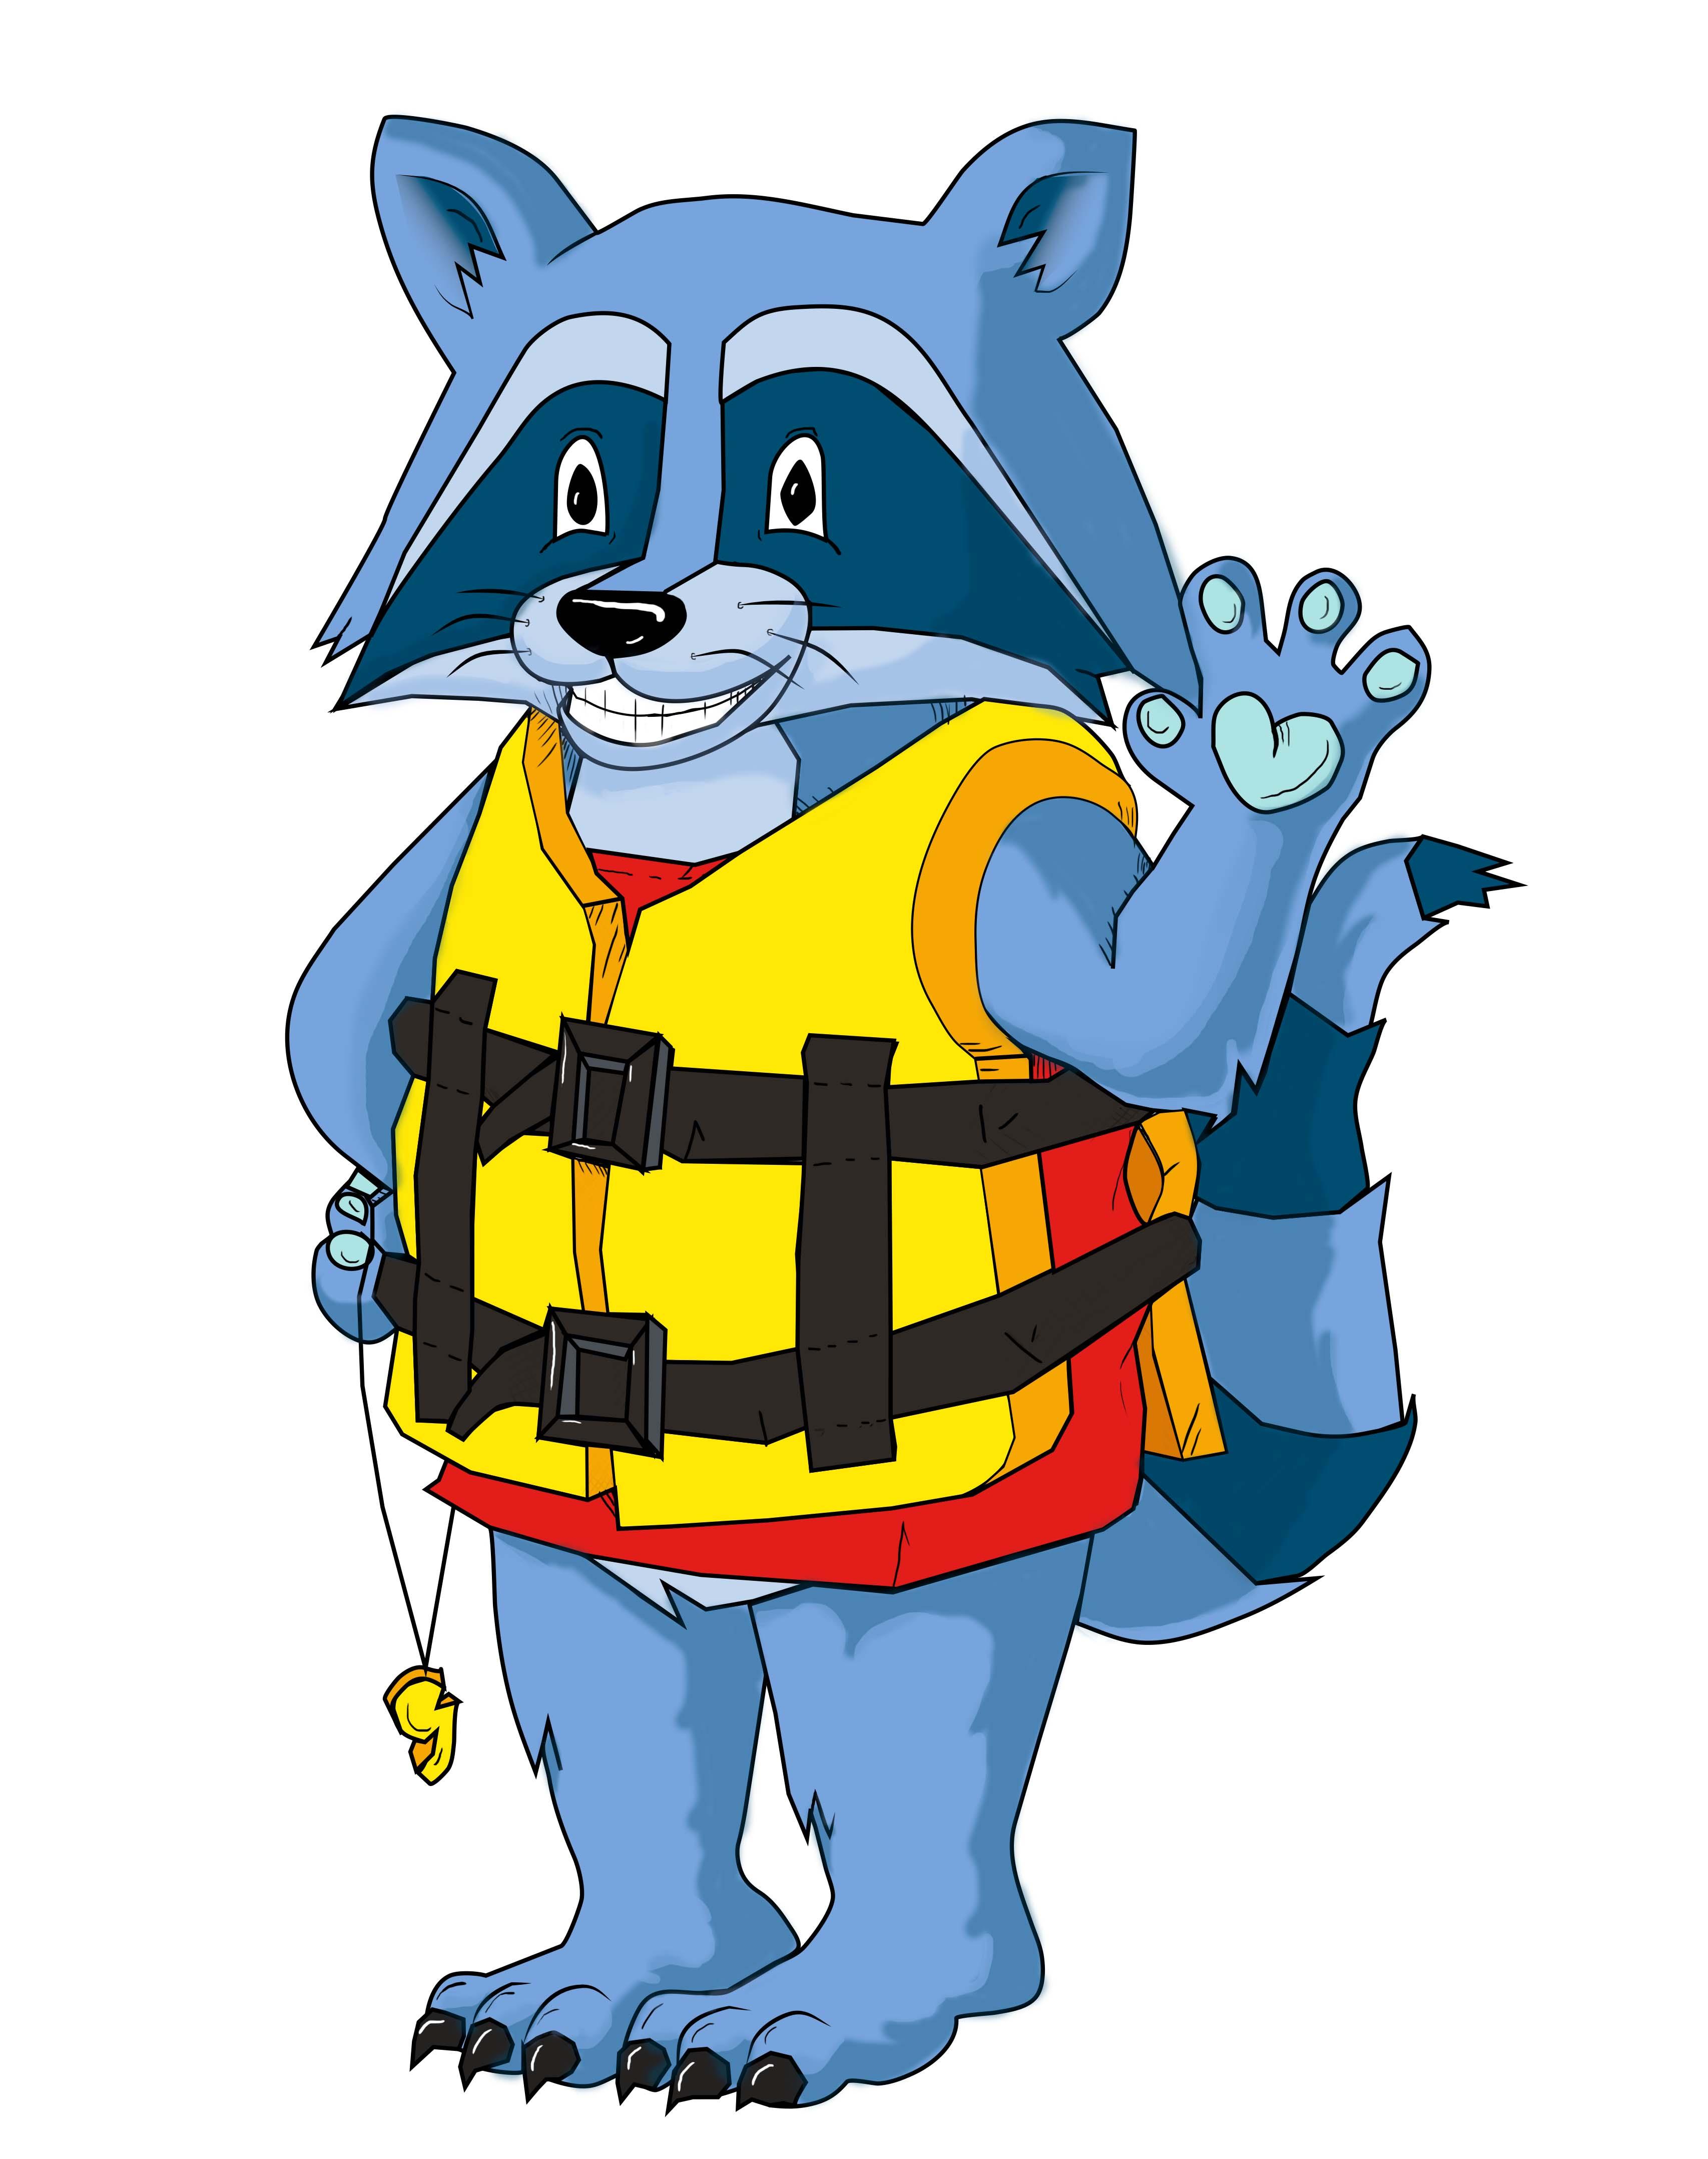 lifejacket final